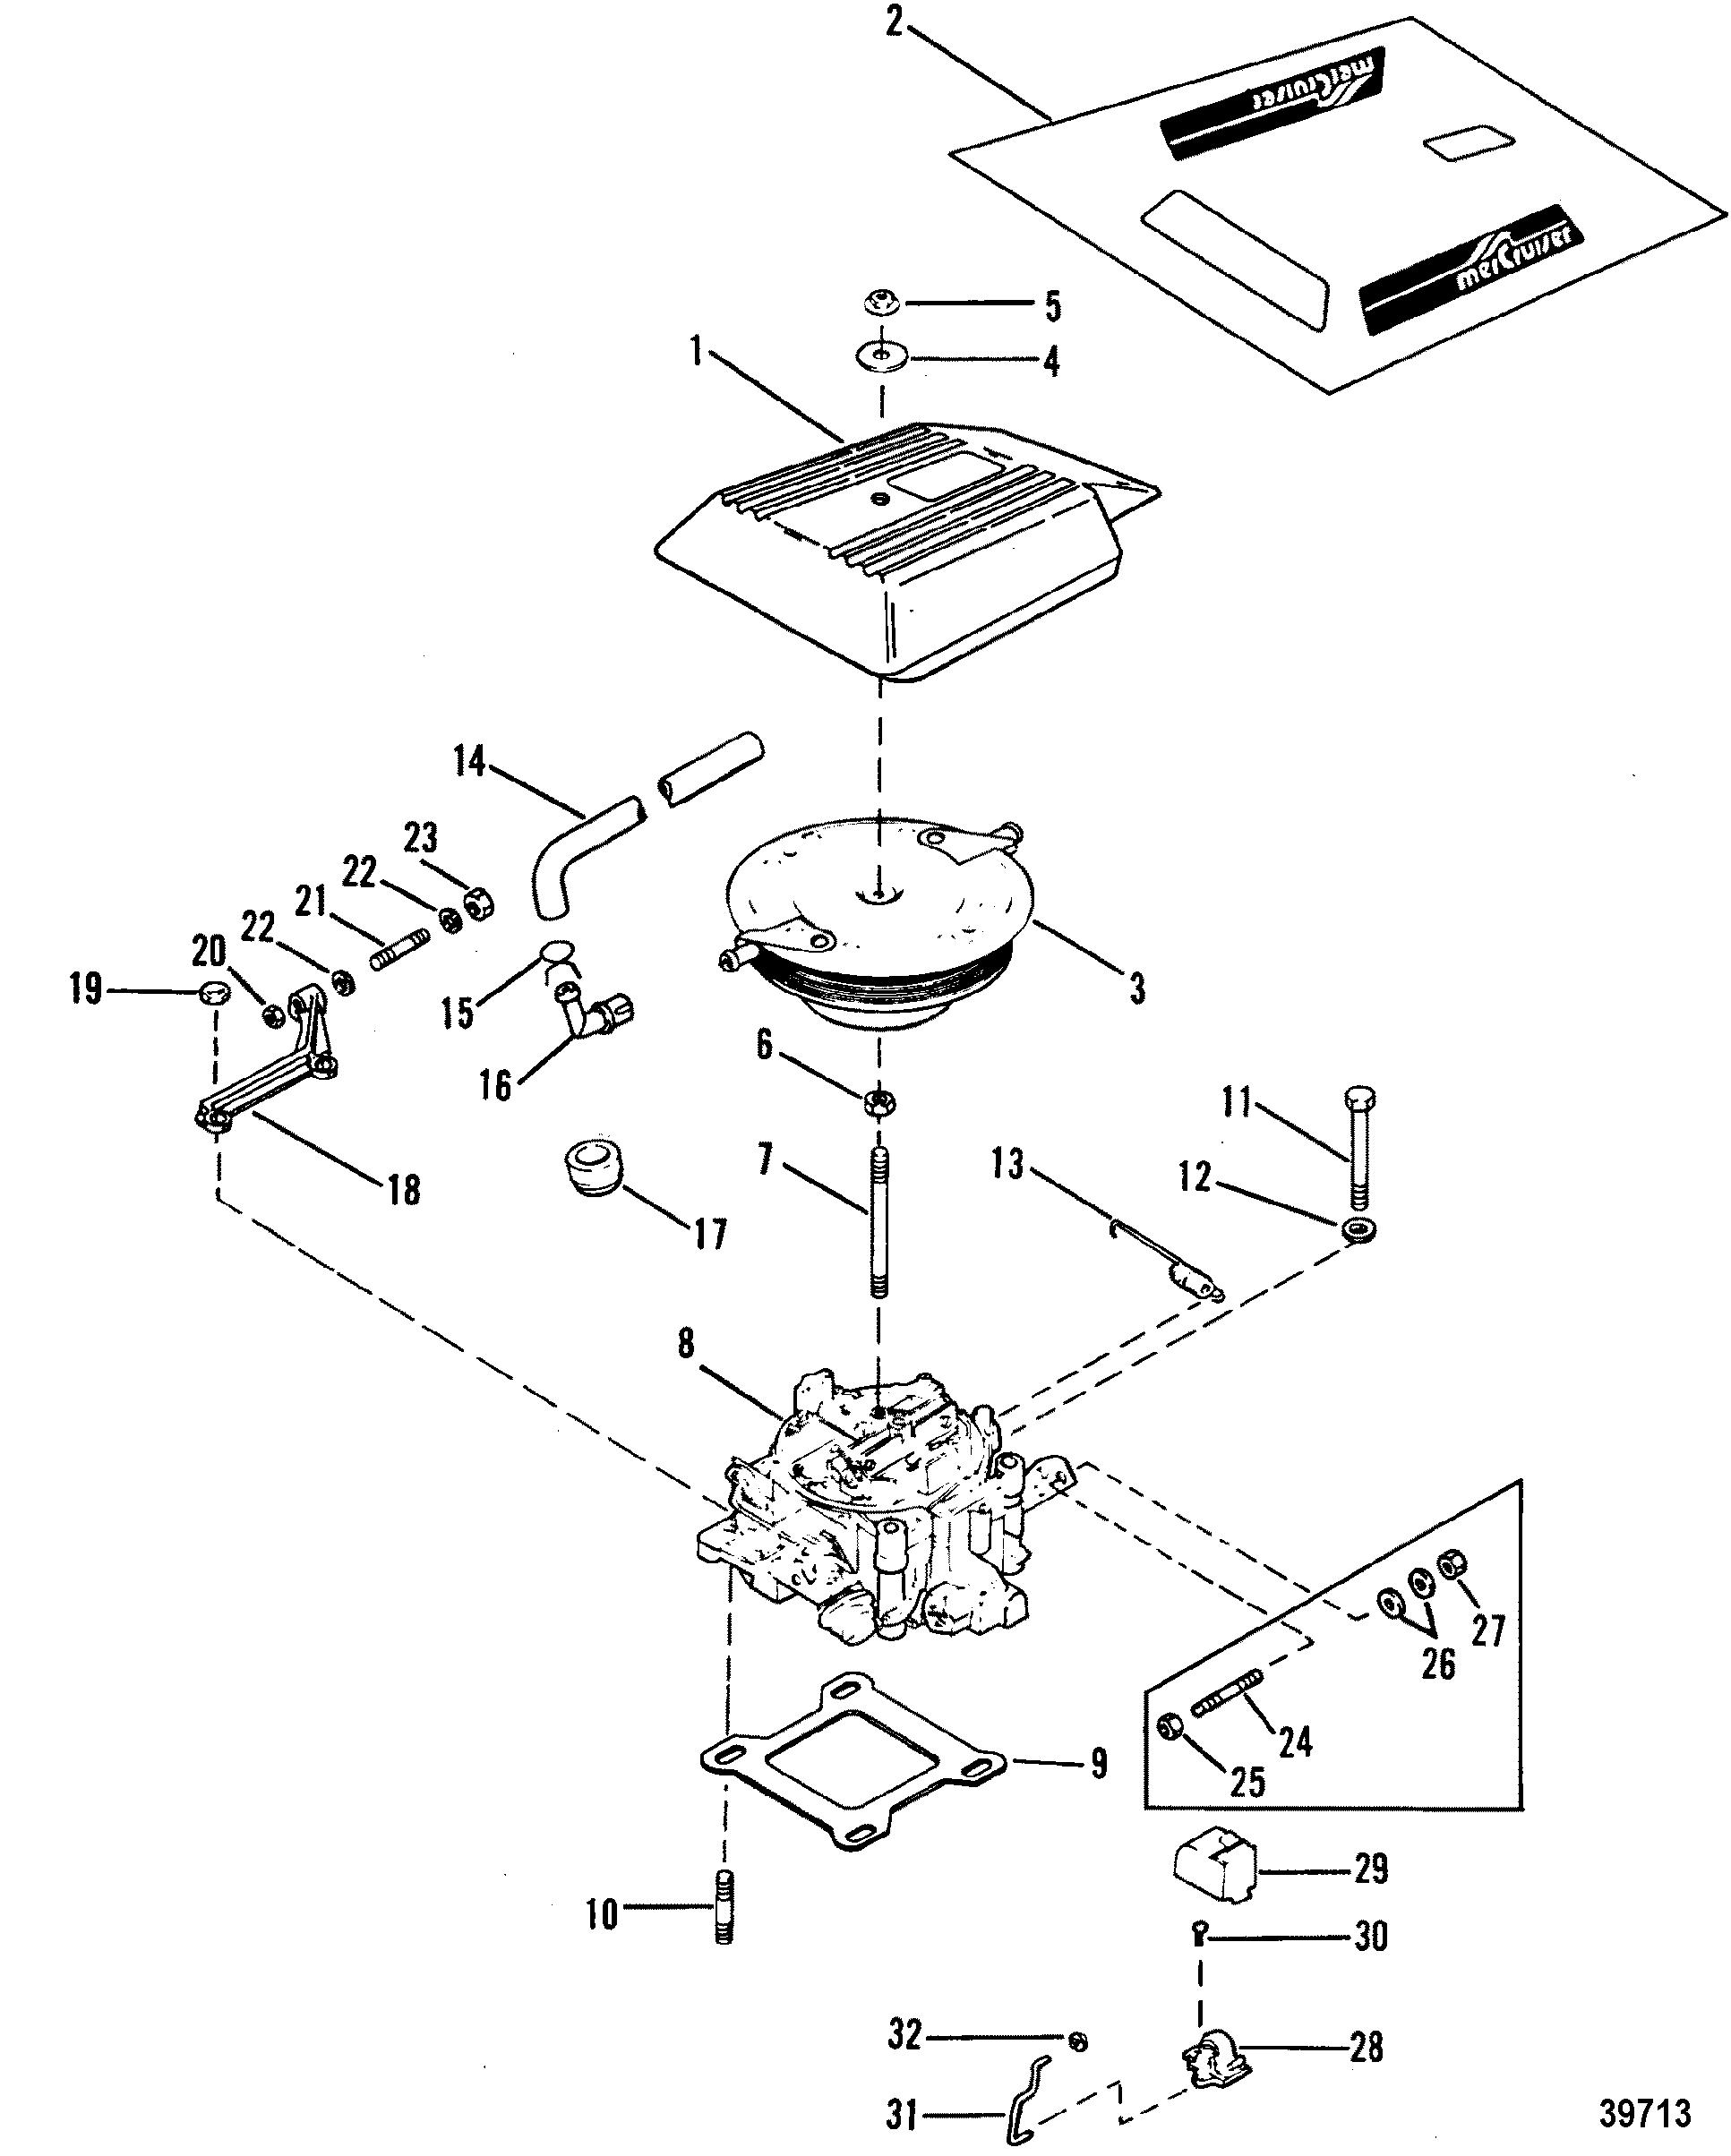 Carburetor And Throttle Linkage 4 Barrel For Mercruiser 4 3l 4 3lx Alpha One Engine 262 Cid